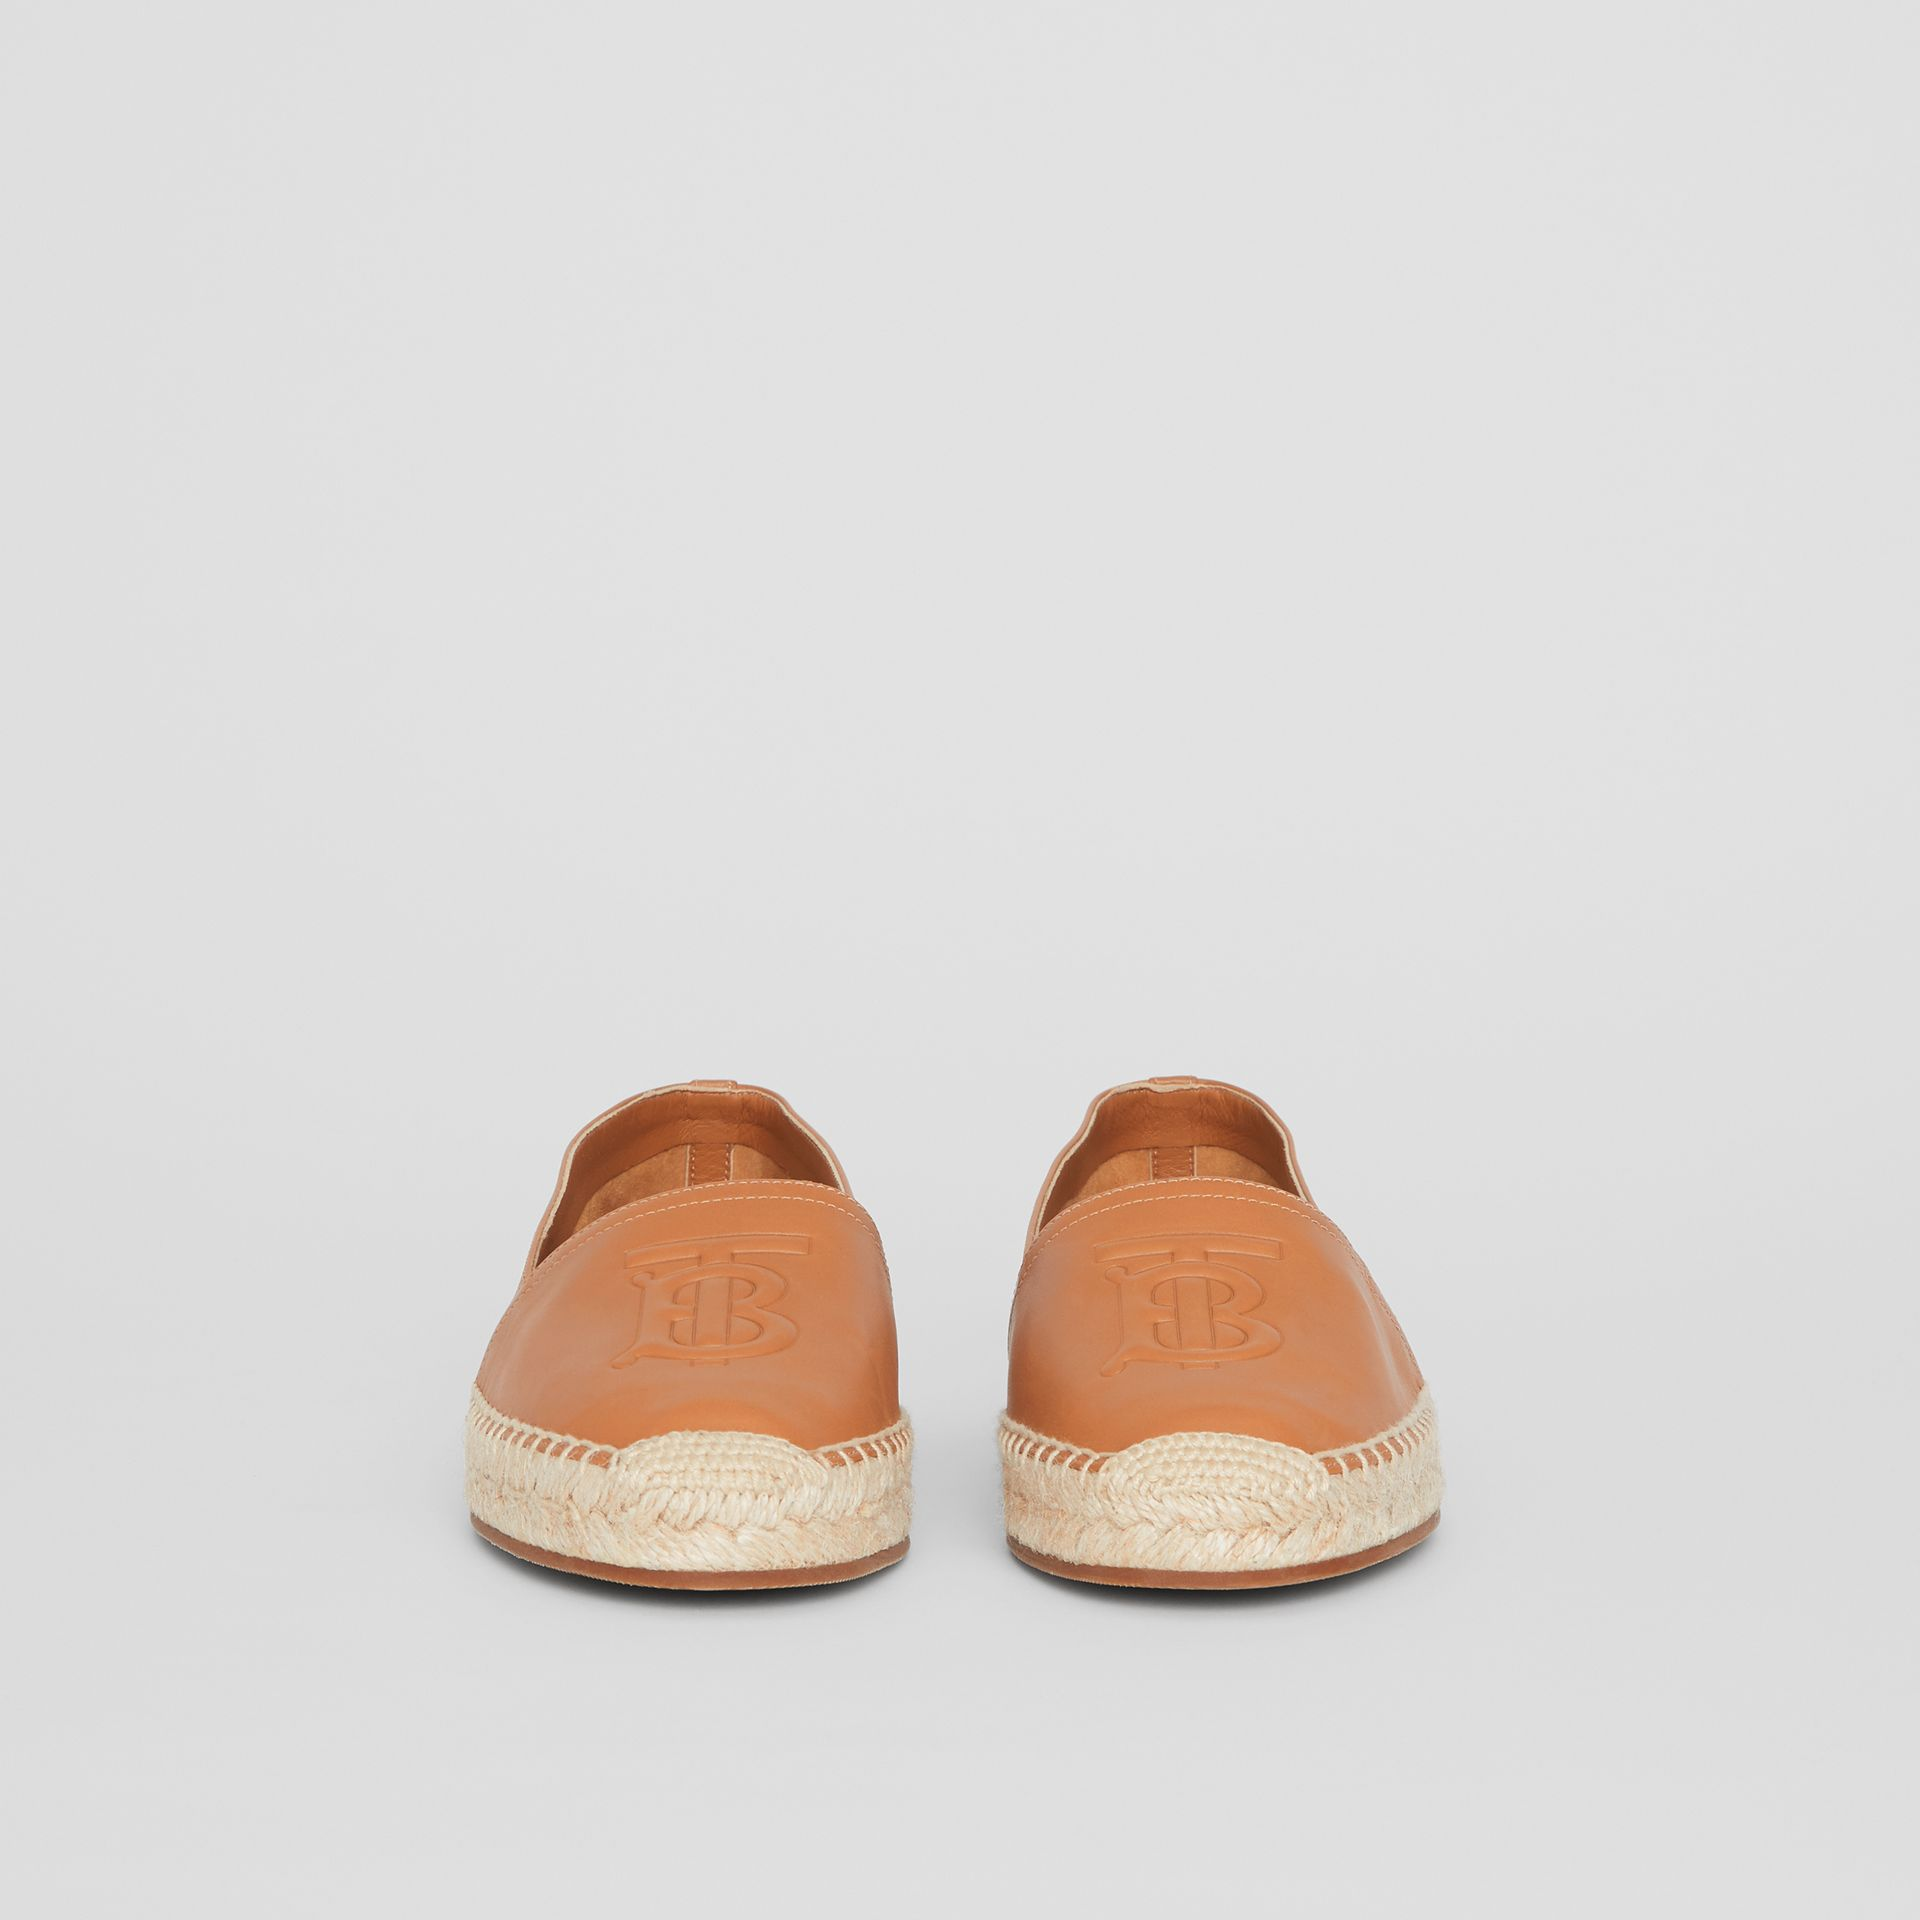 Espadrilles aus Lammleder mit Monogrammmotiv (Camelfarben) - Damen | Burberry - Galerie-Bild 3